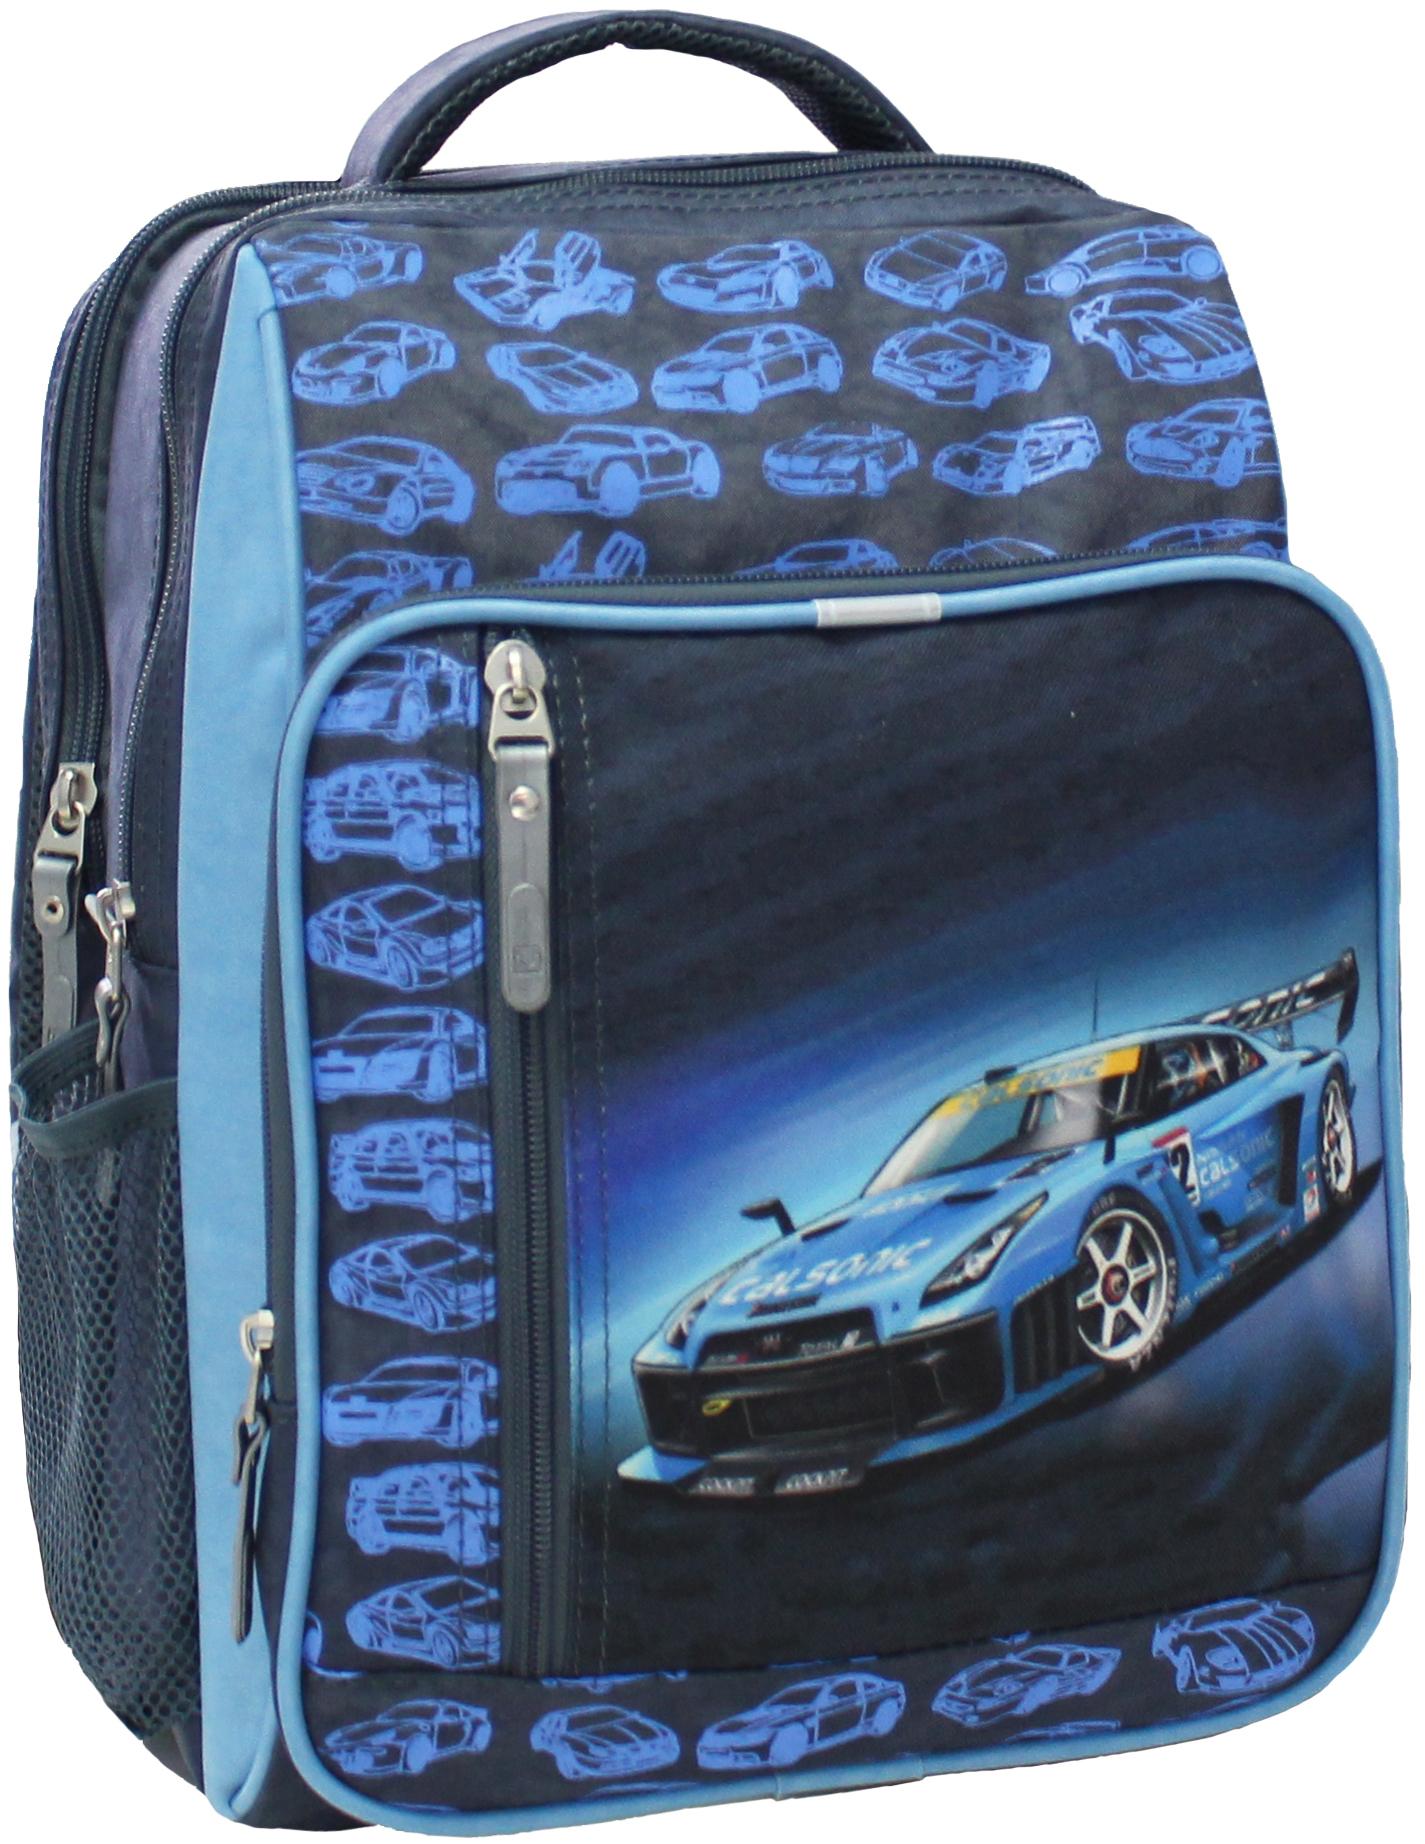 Школьные рюкзаки Рюкзак школьный Bagland Школьник 8 л. 321 сірий 56 м (00112702) IMG_5128.JPG